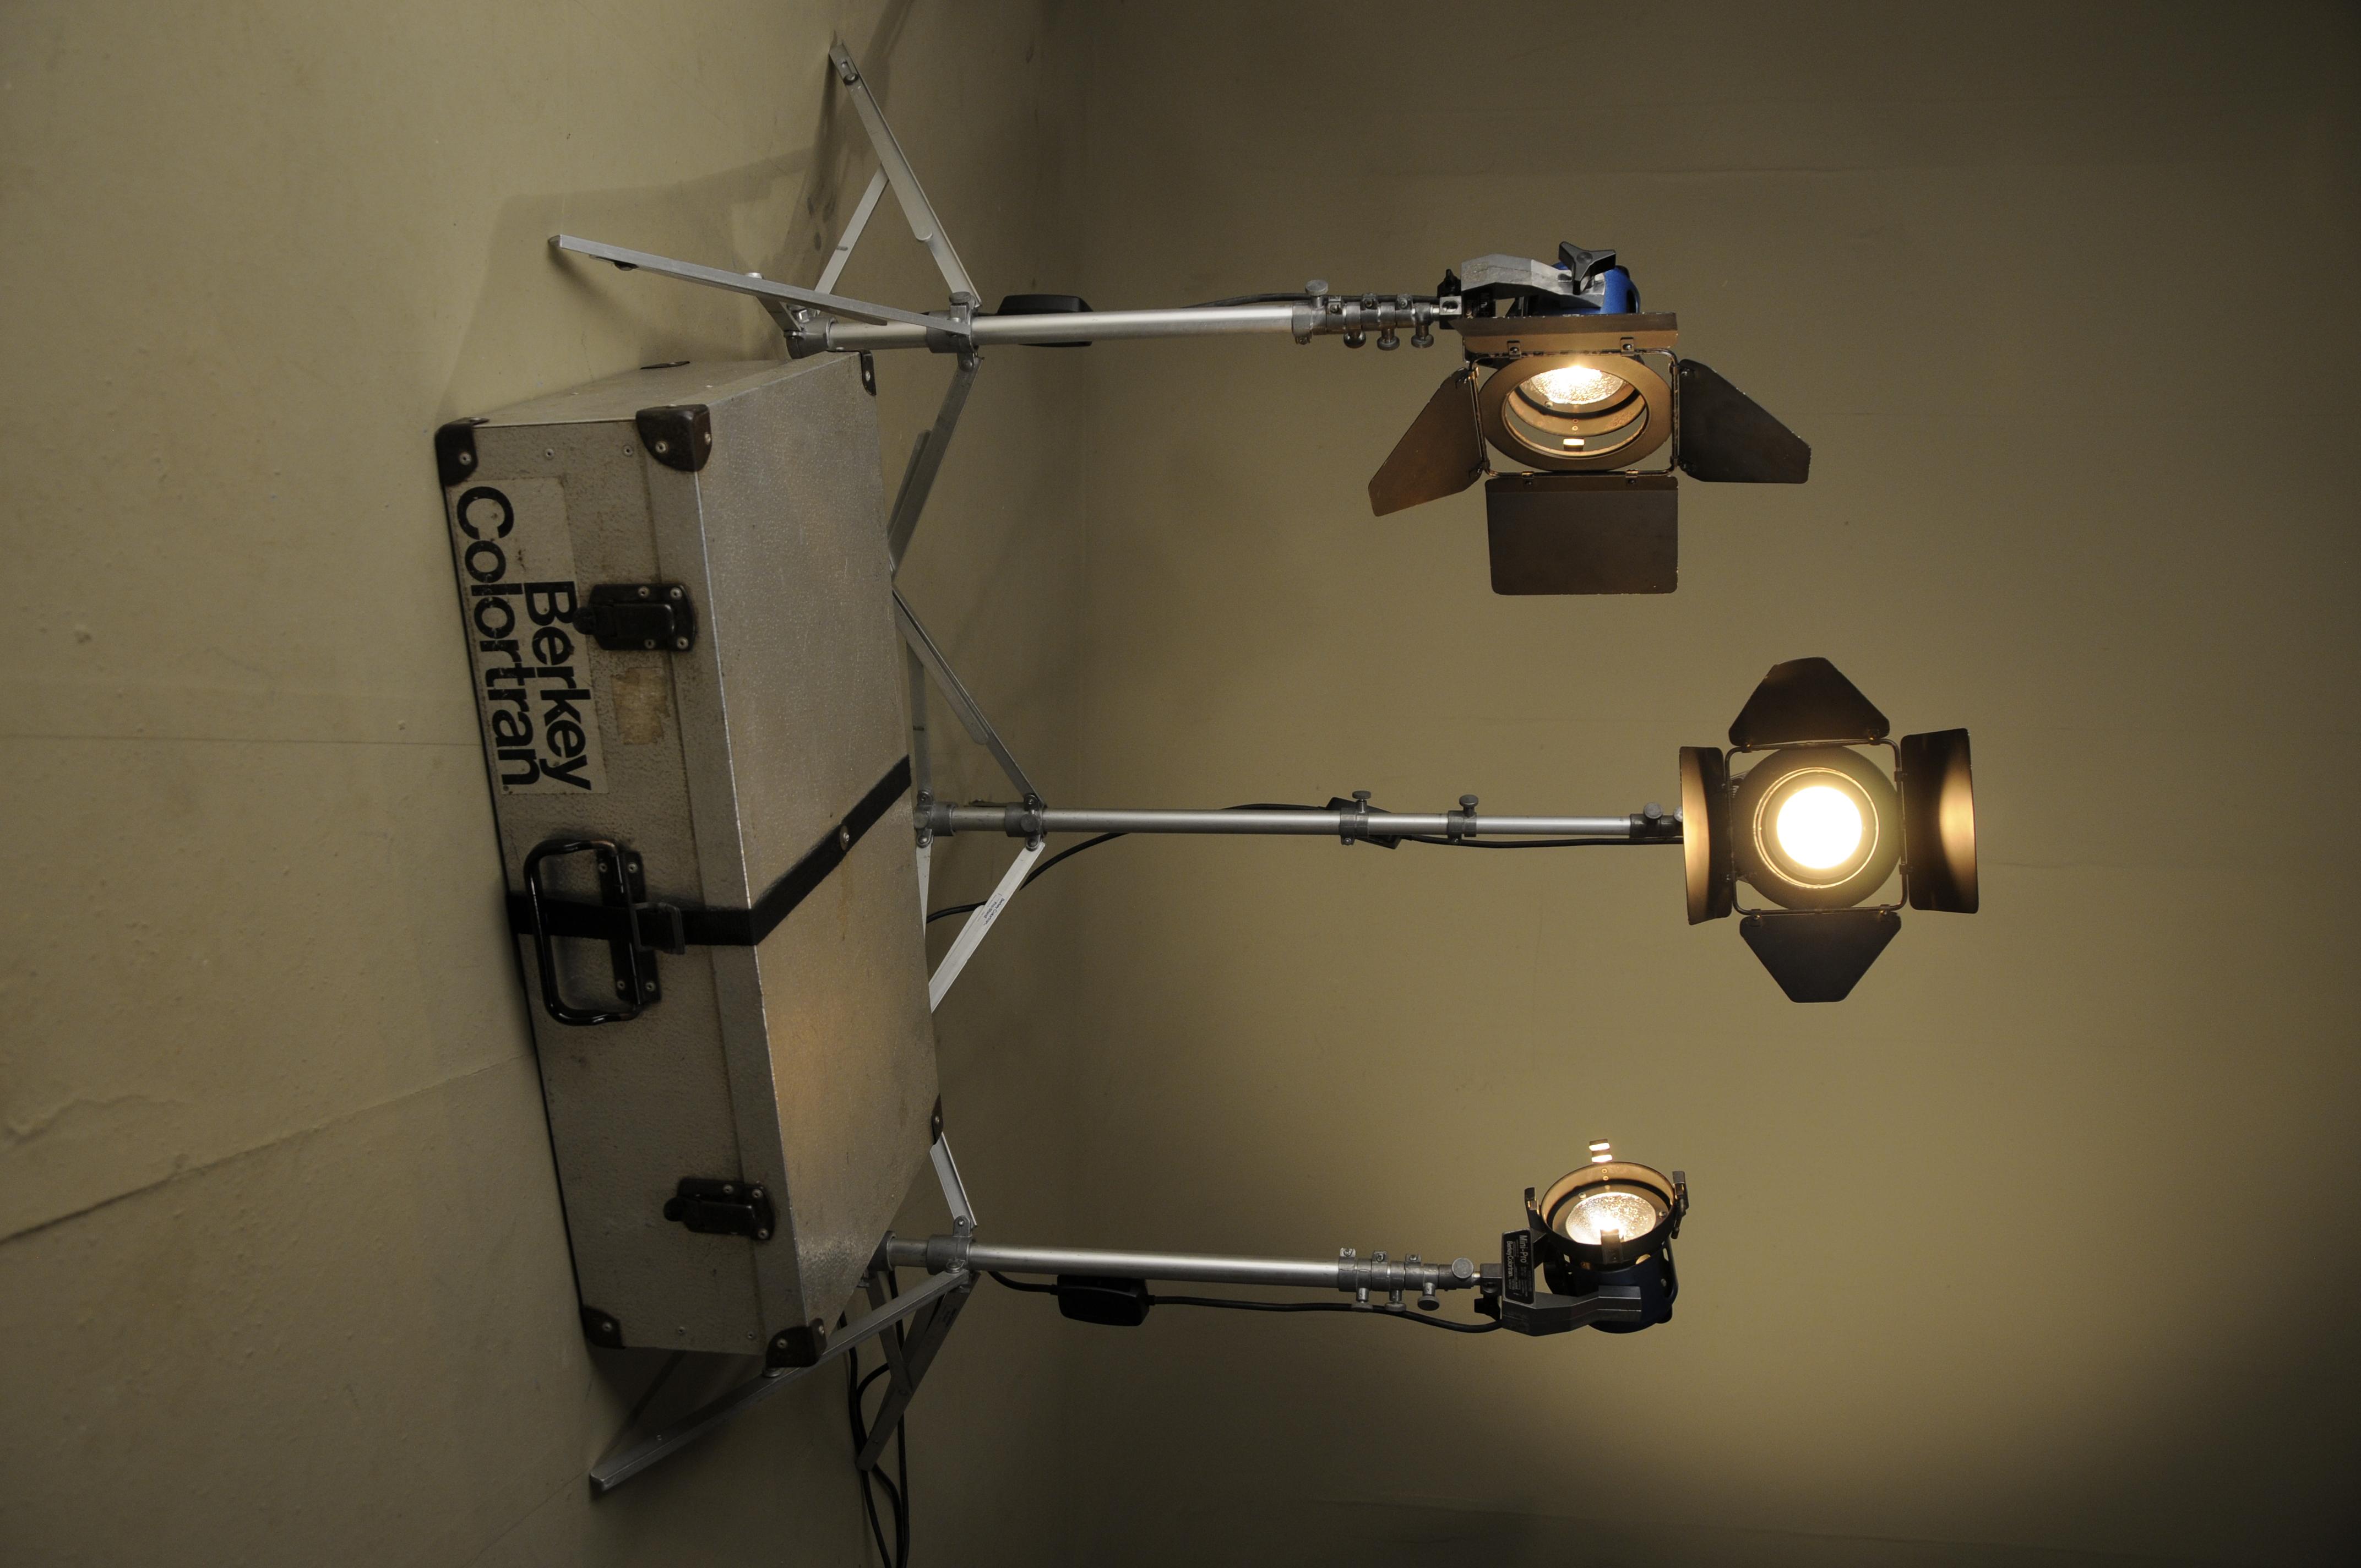 Berkey Colortran Film Lights Mini Pro(23